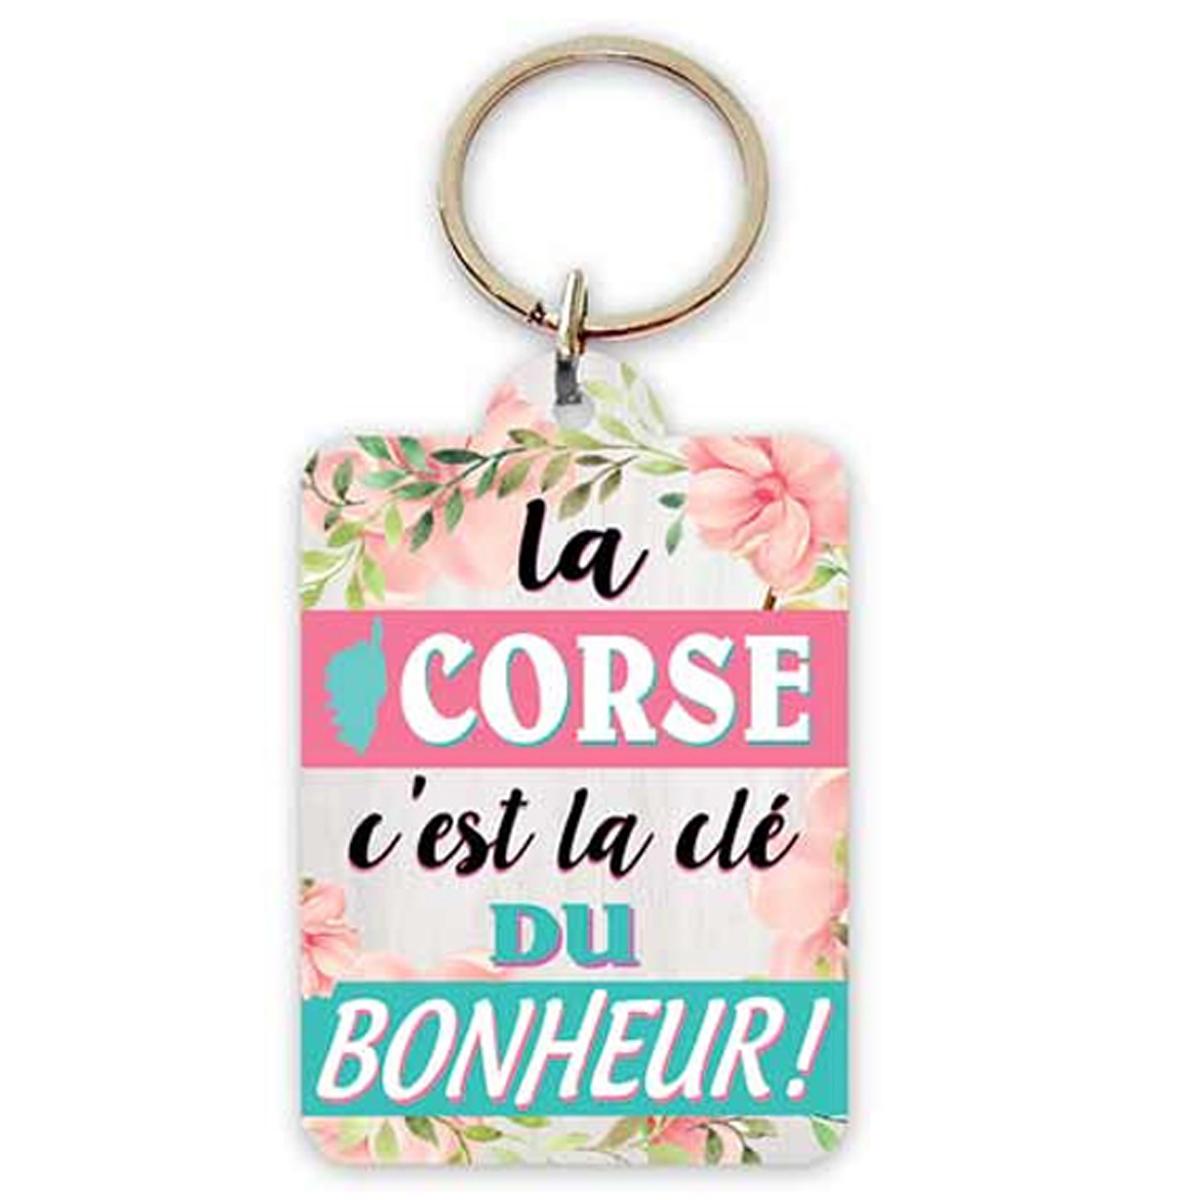 Porte-Clés \'Corsica\' (la Corse c\'est la clé du Bonheur !) - 65x45 cm - [R2305]